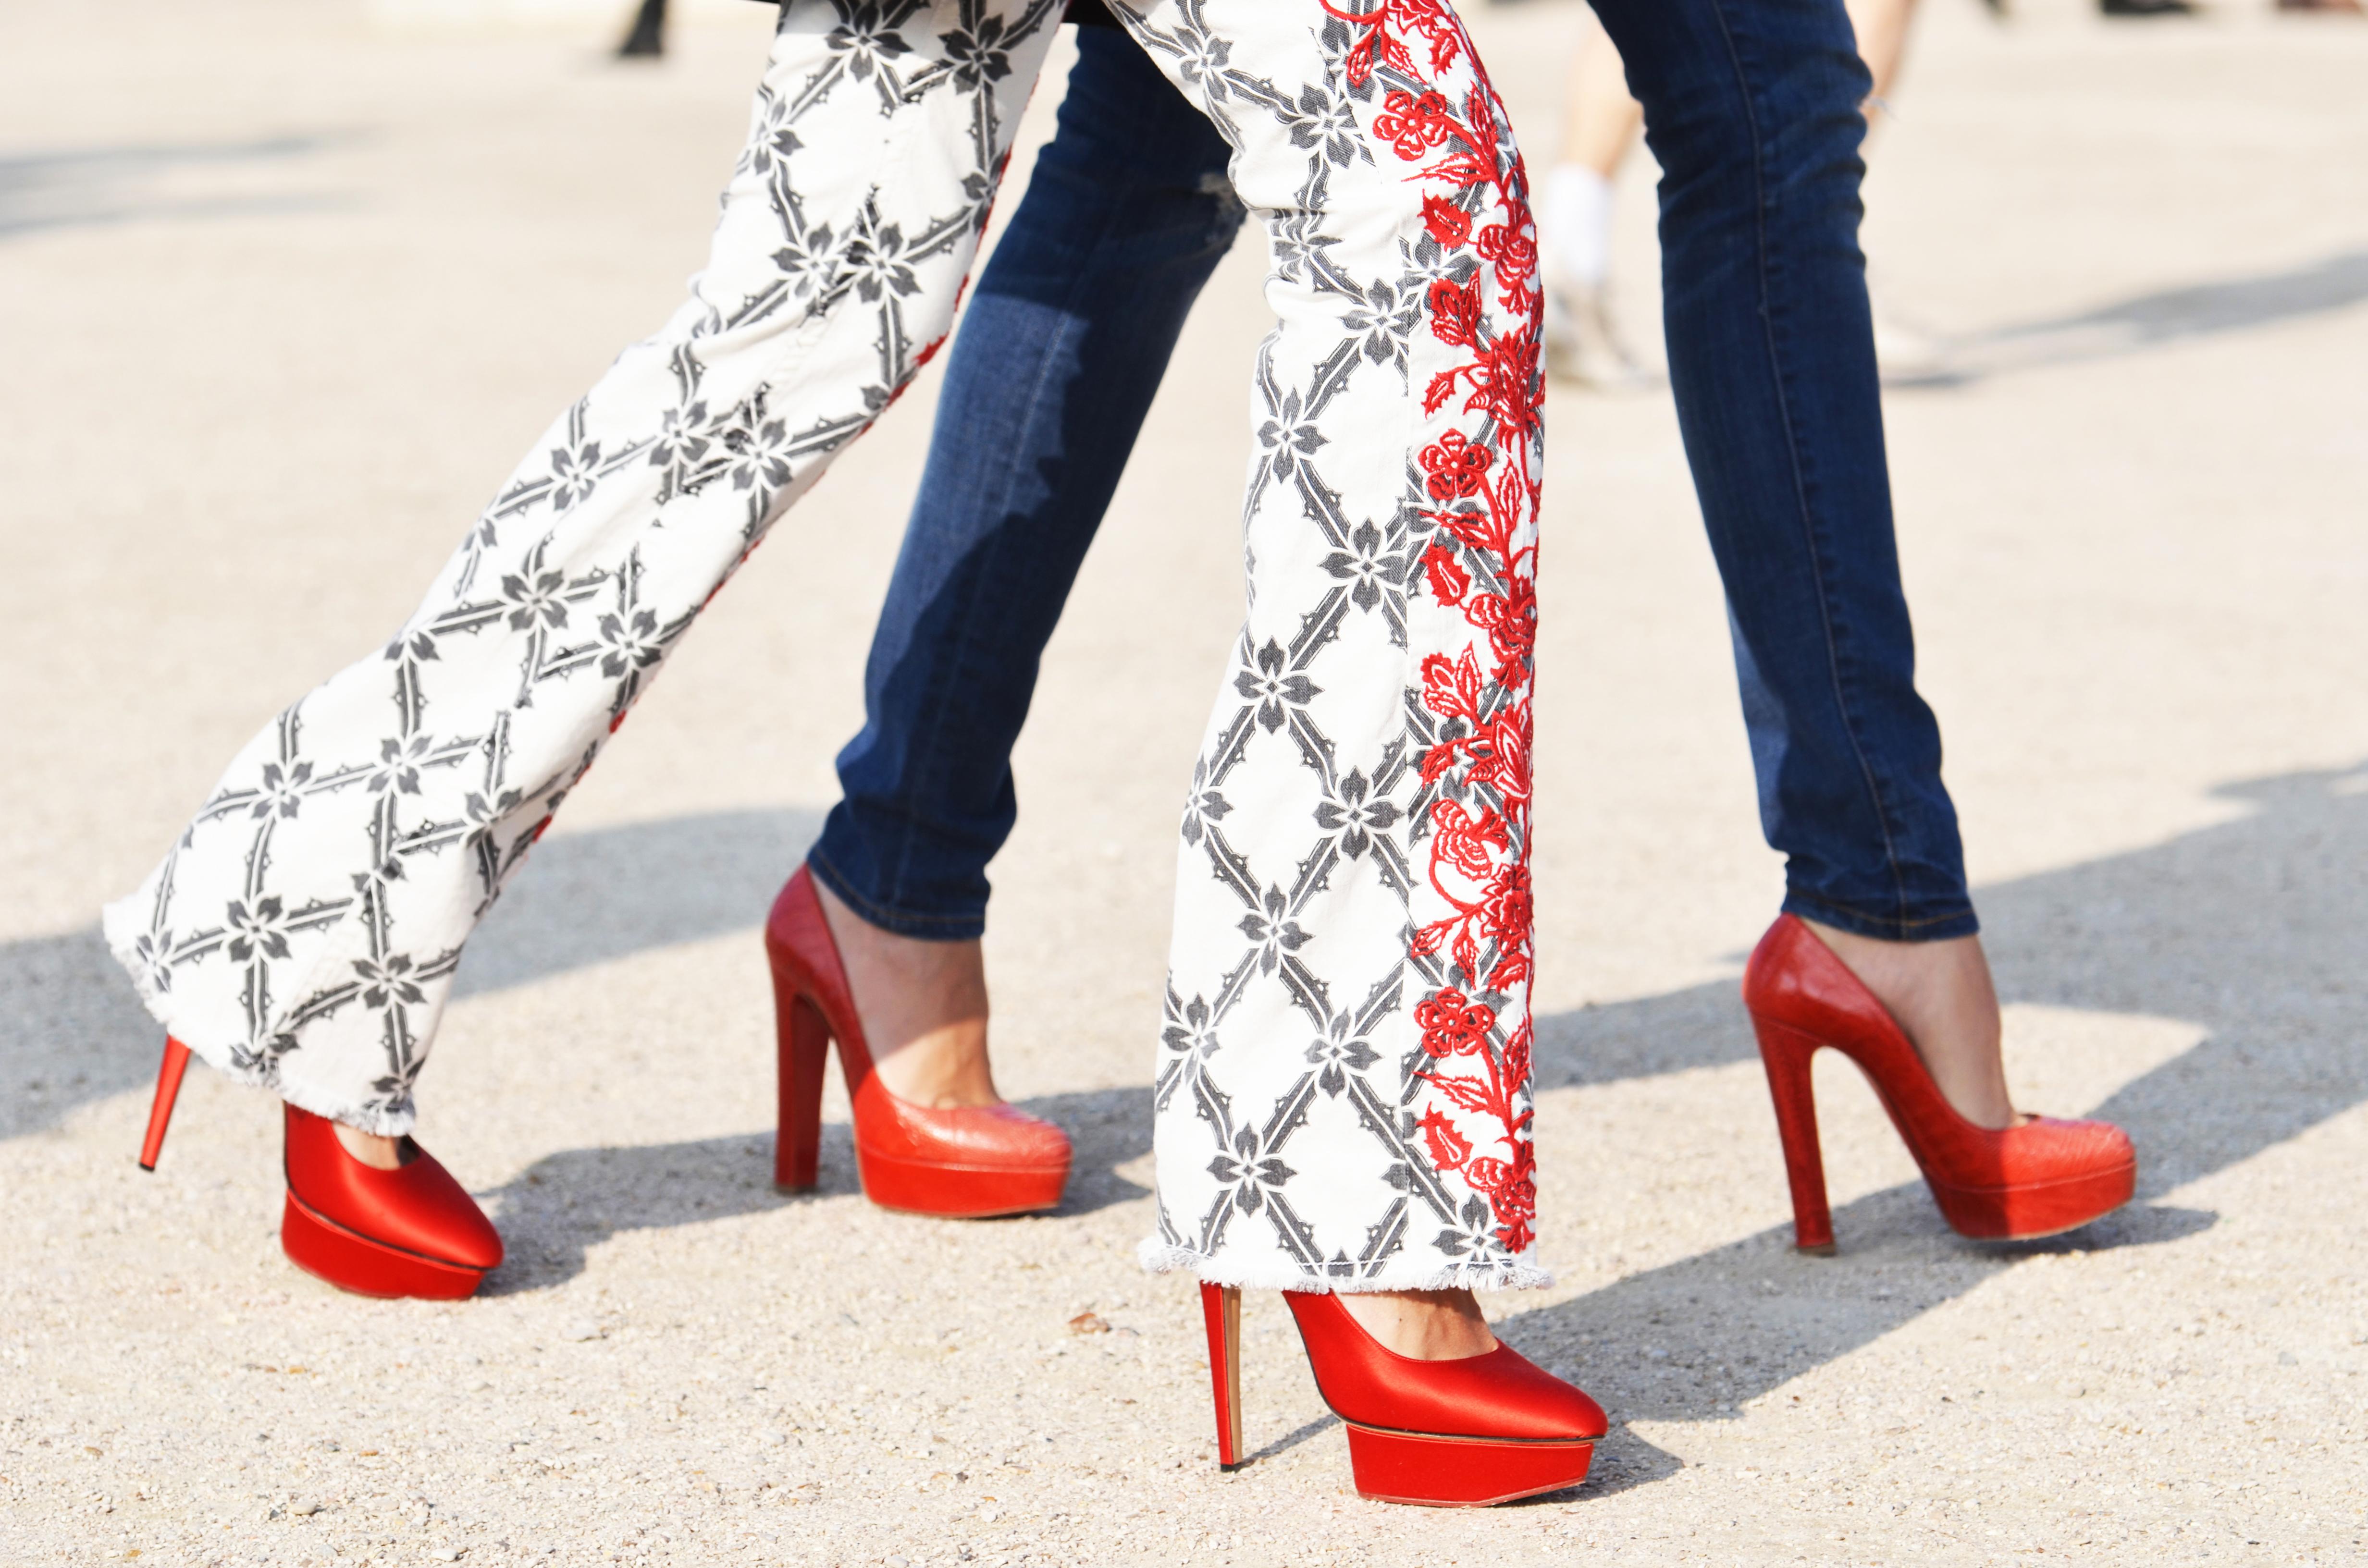 nobodyknowsmarc-com-gianluca-senese-oaris-fashion-week-street-style-legs-red-shoes